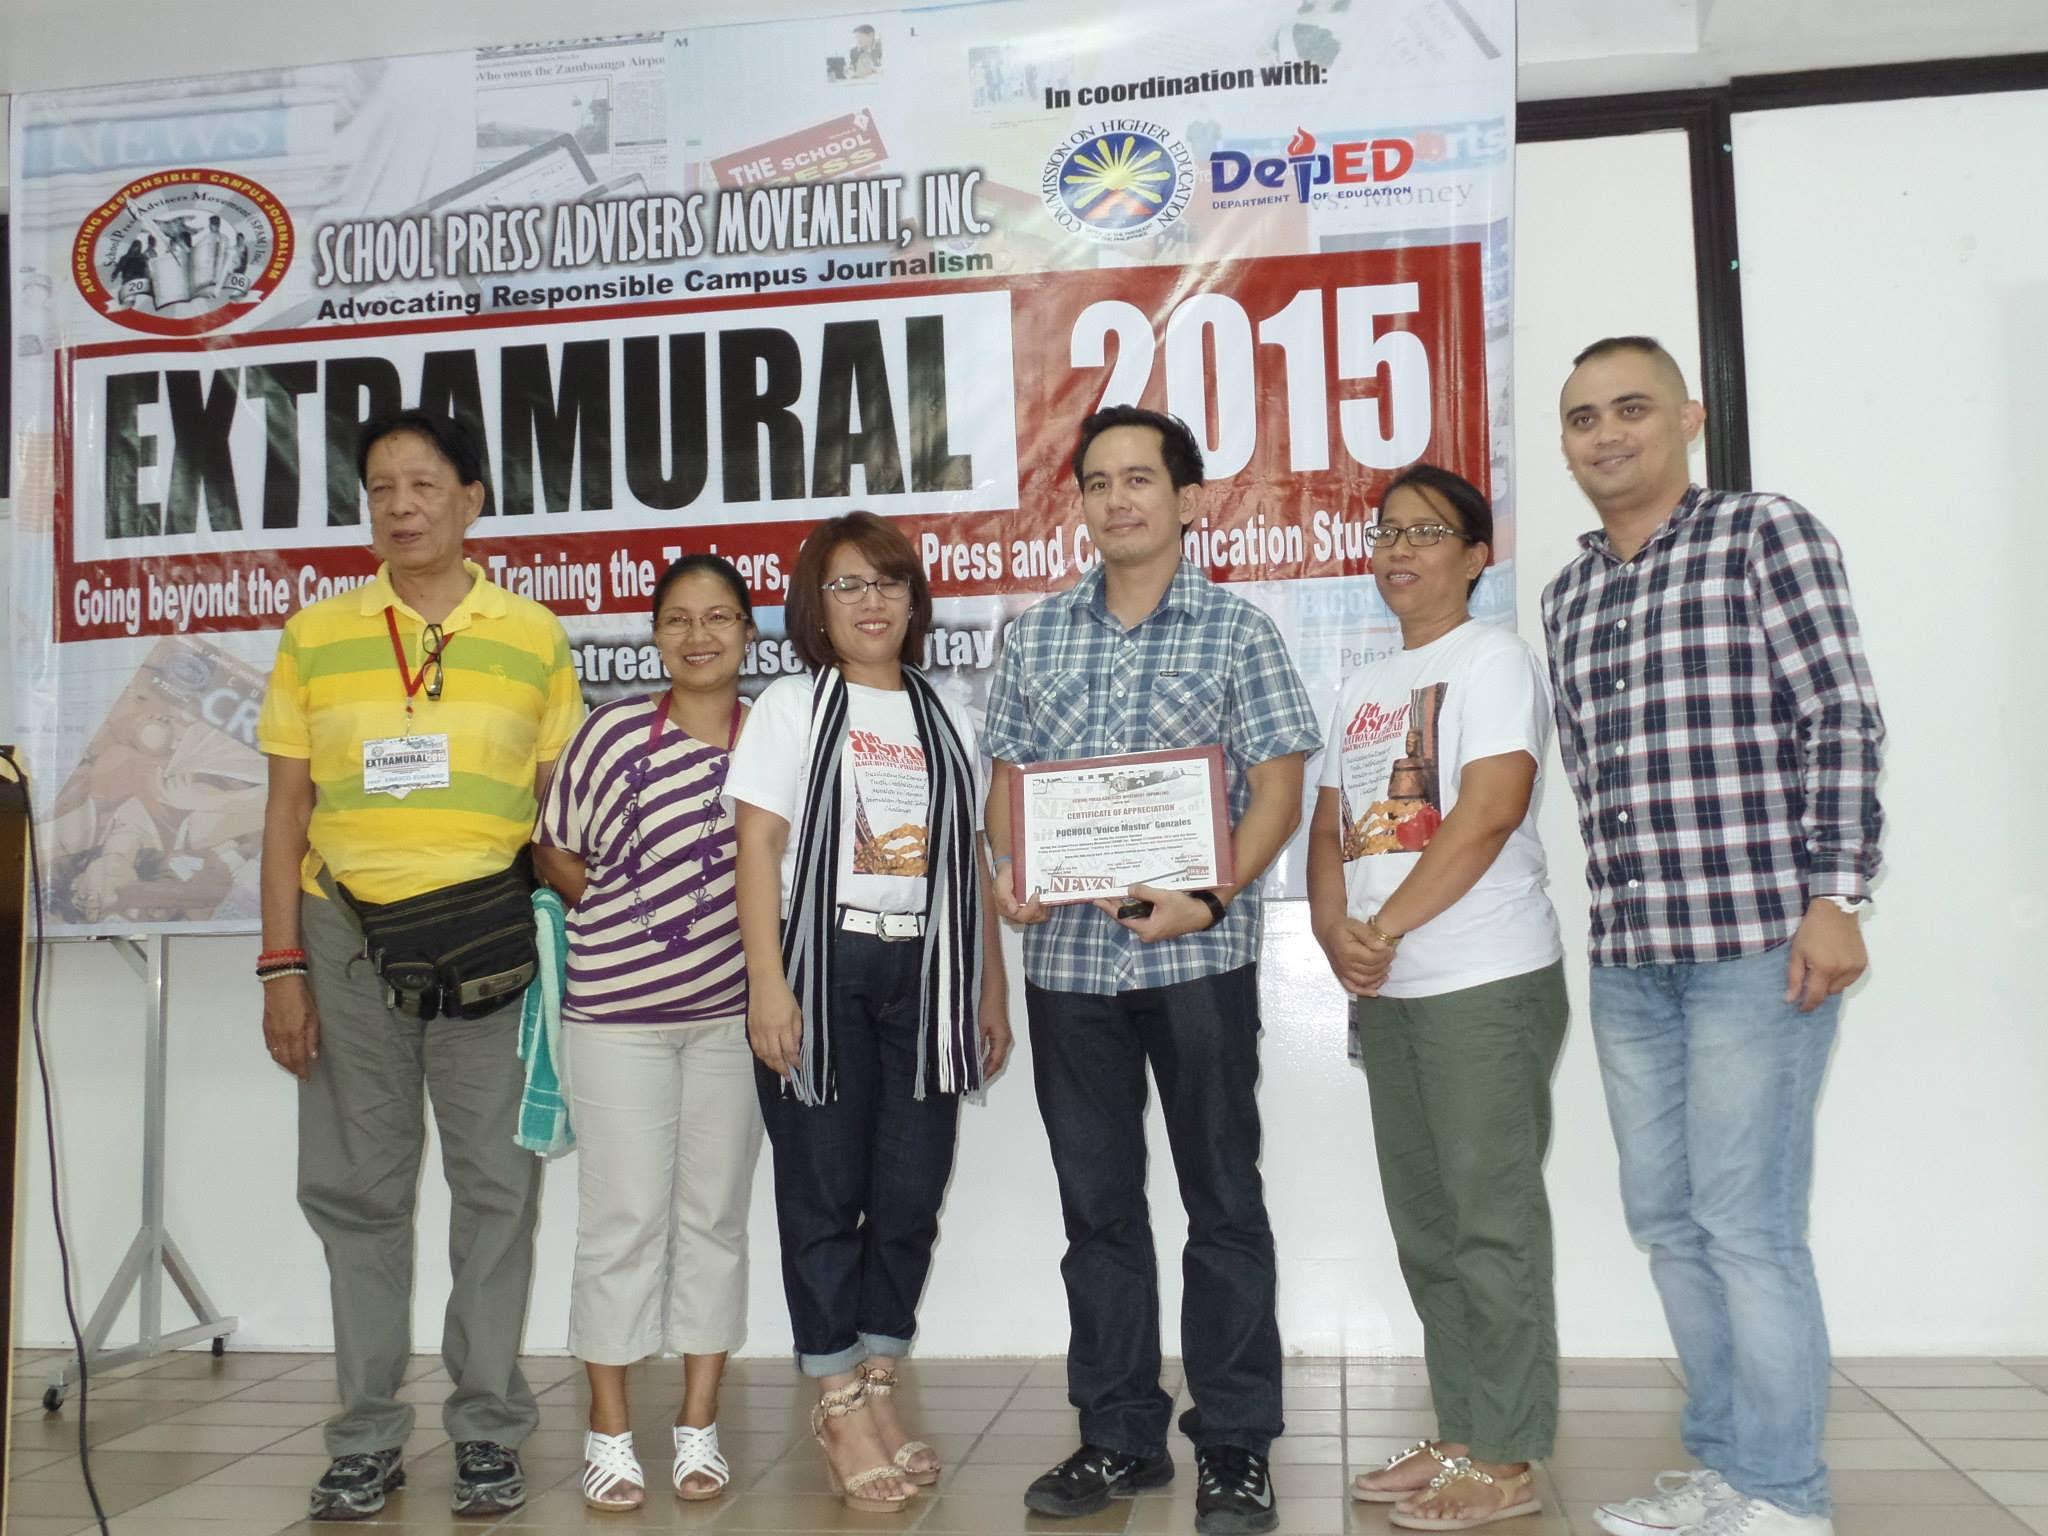 The VoiceMaster as Keynote Speaker in Extramural 2015